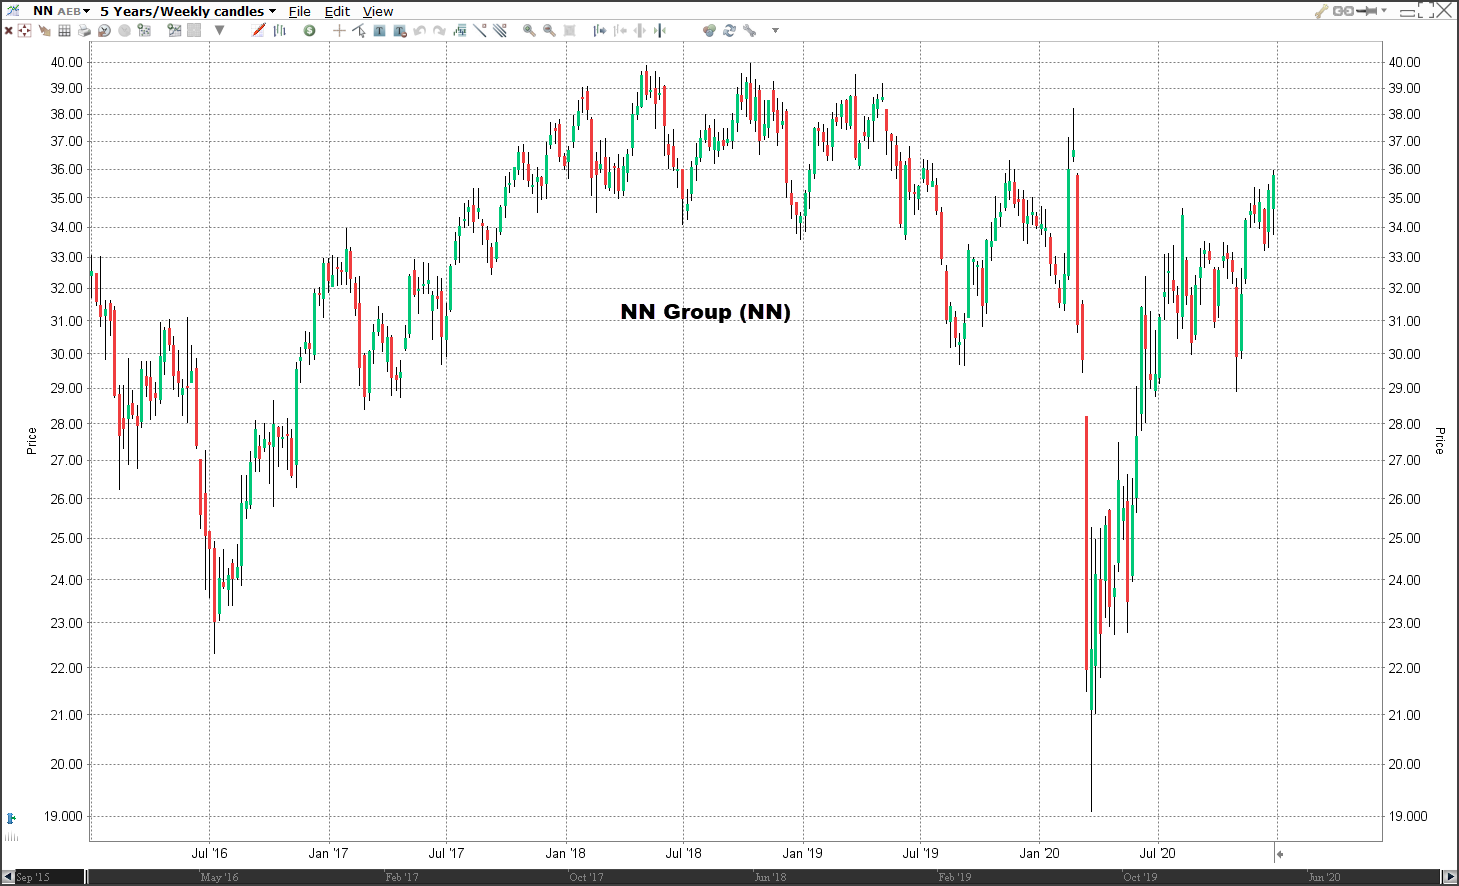 Aandeel NN Group koers | Welke aandelen kopen 2021?